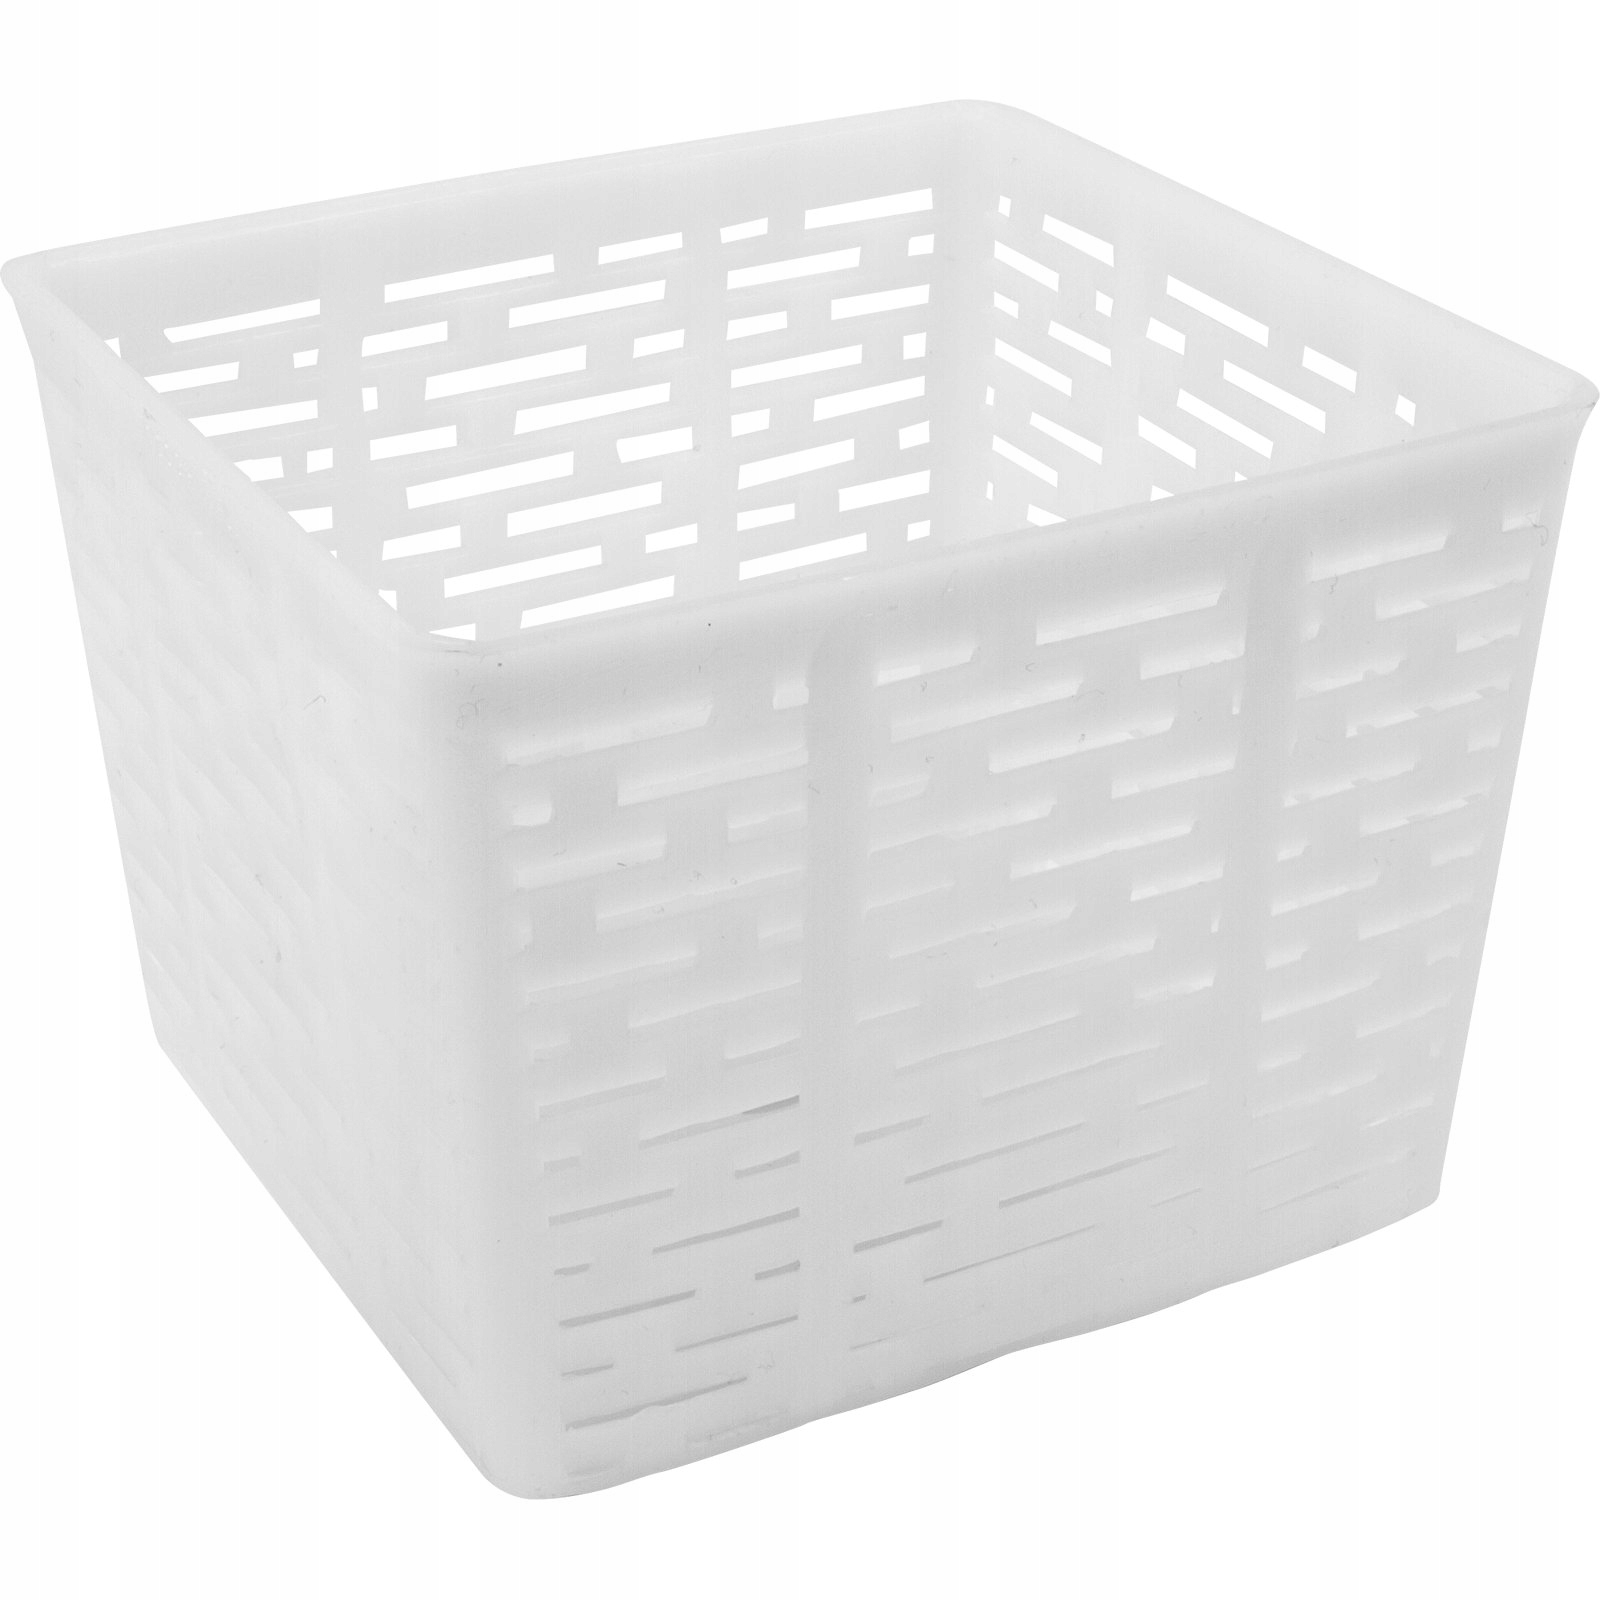 Форма сырная квадратная 11x11x8,5 см, 500г